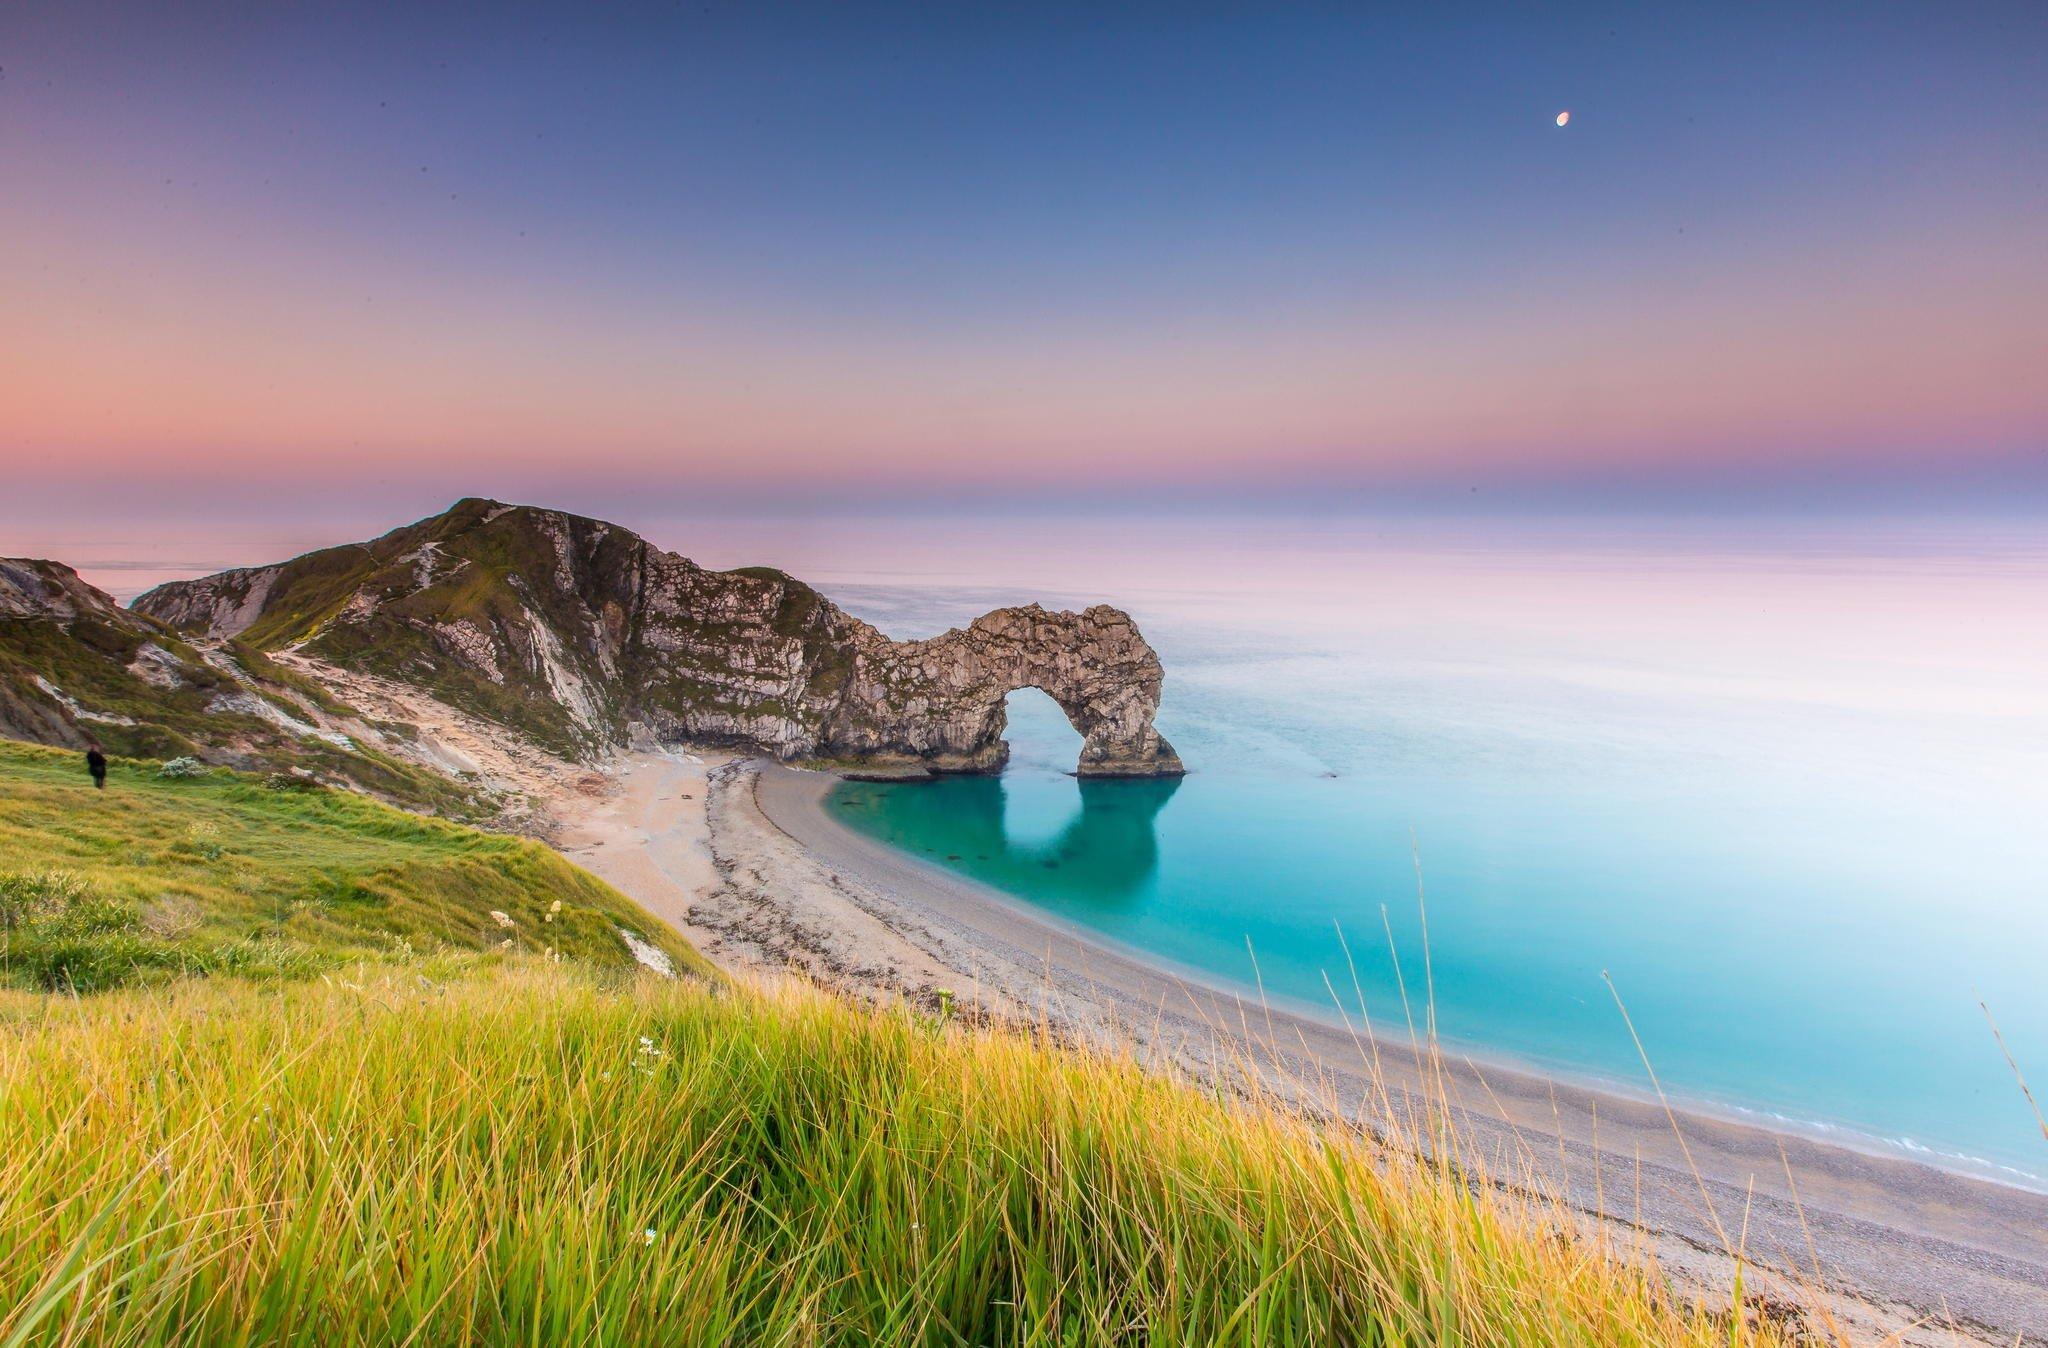 landscape nature sea sunrise coast rock arch grass england